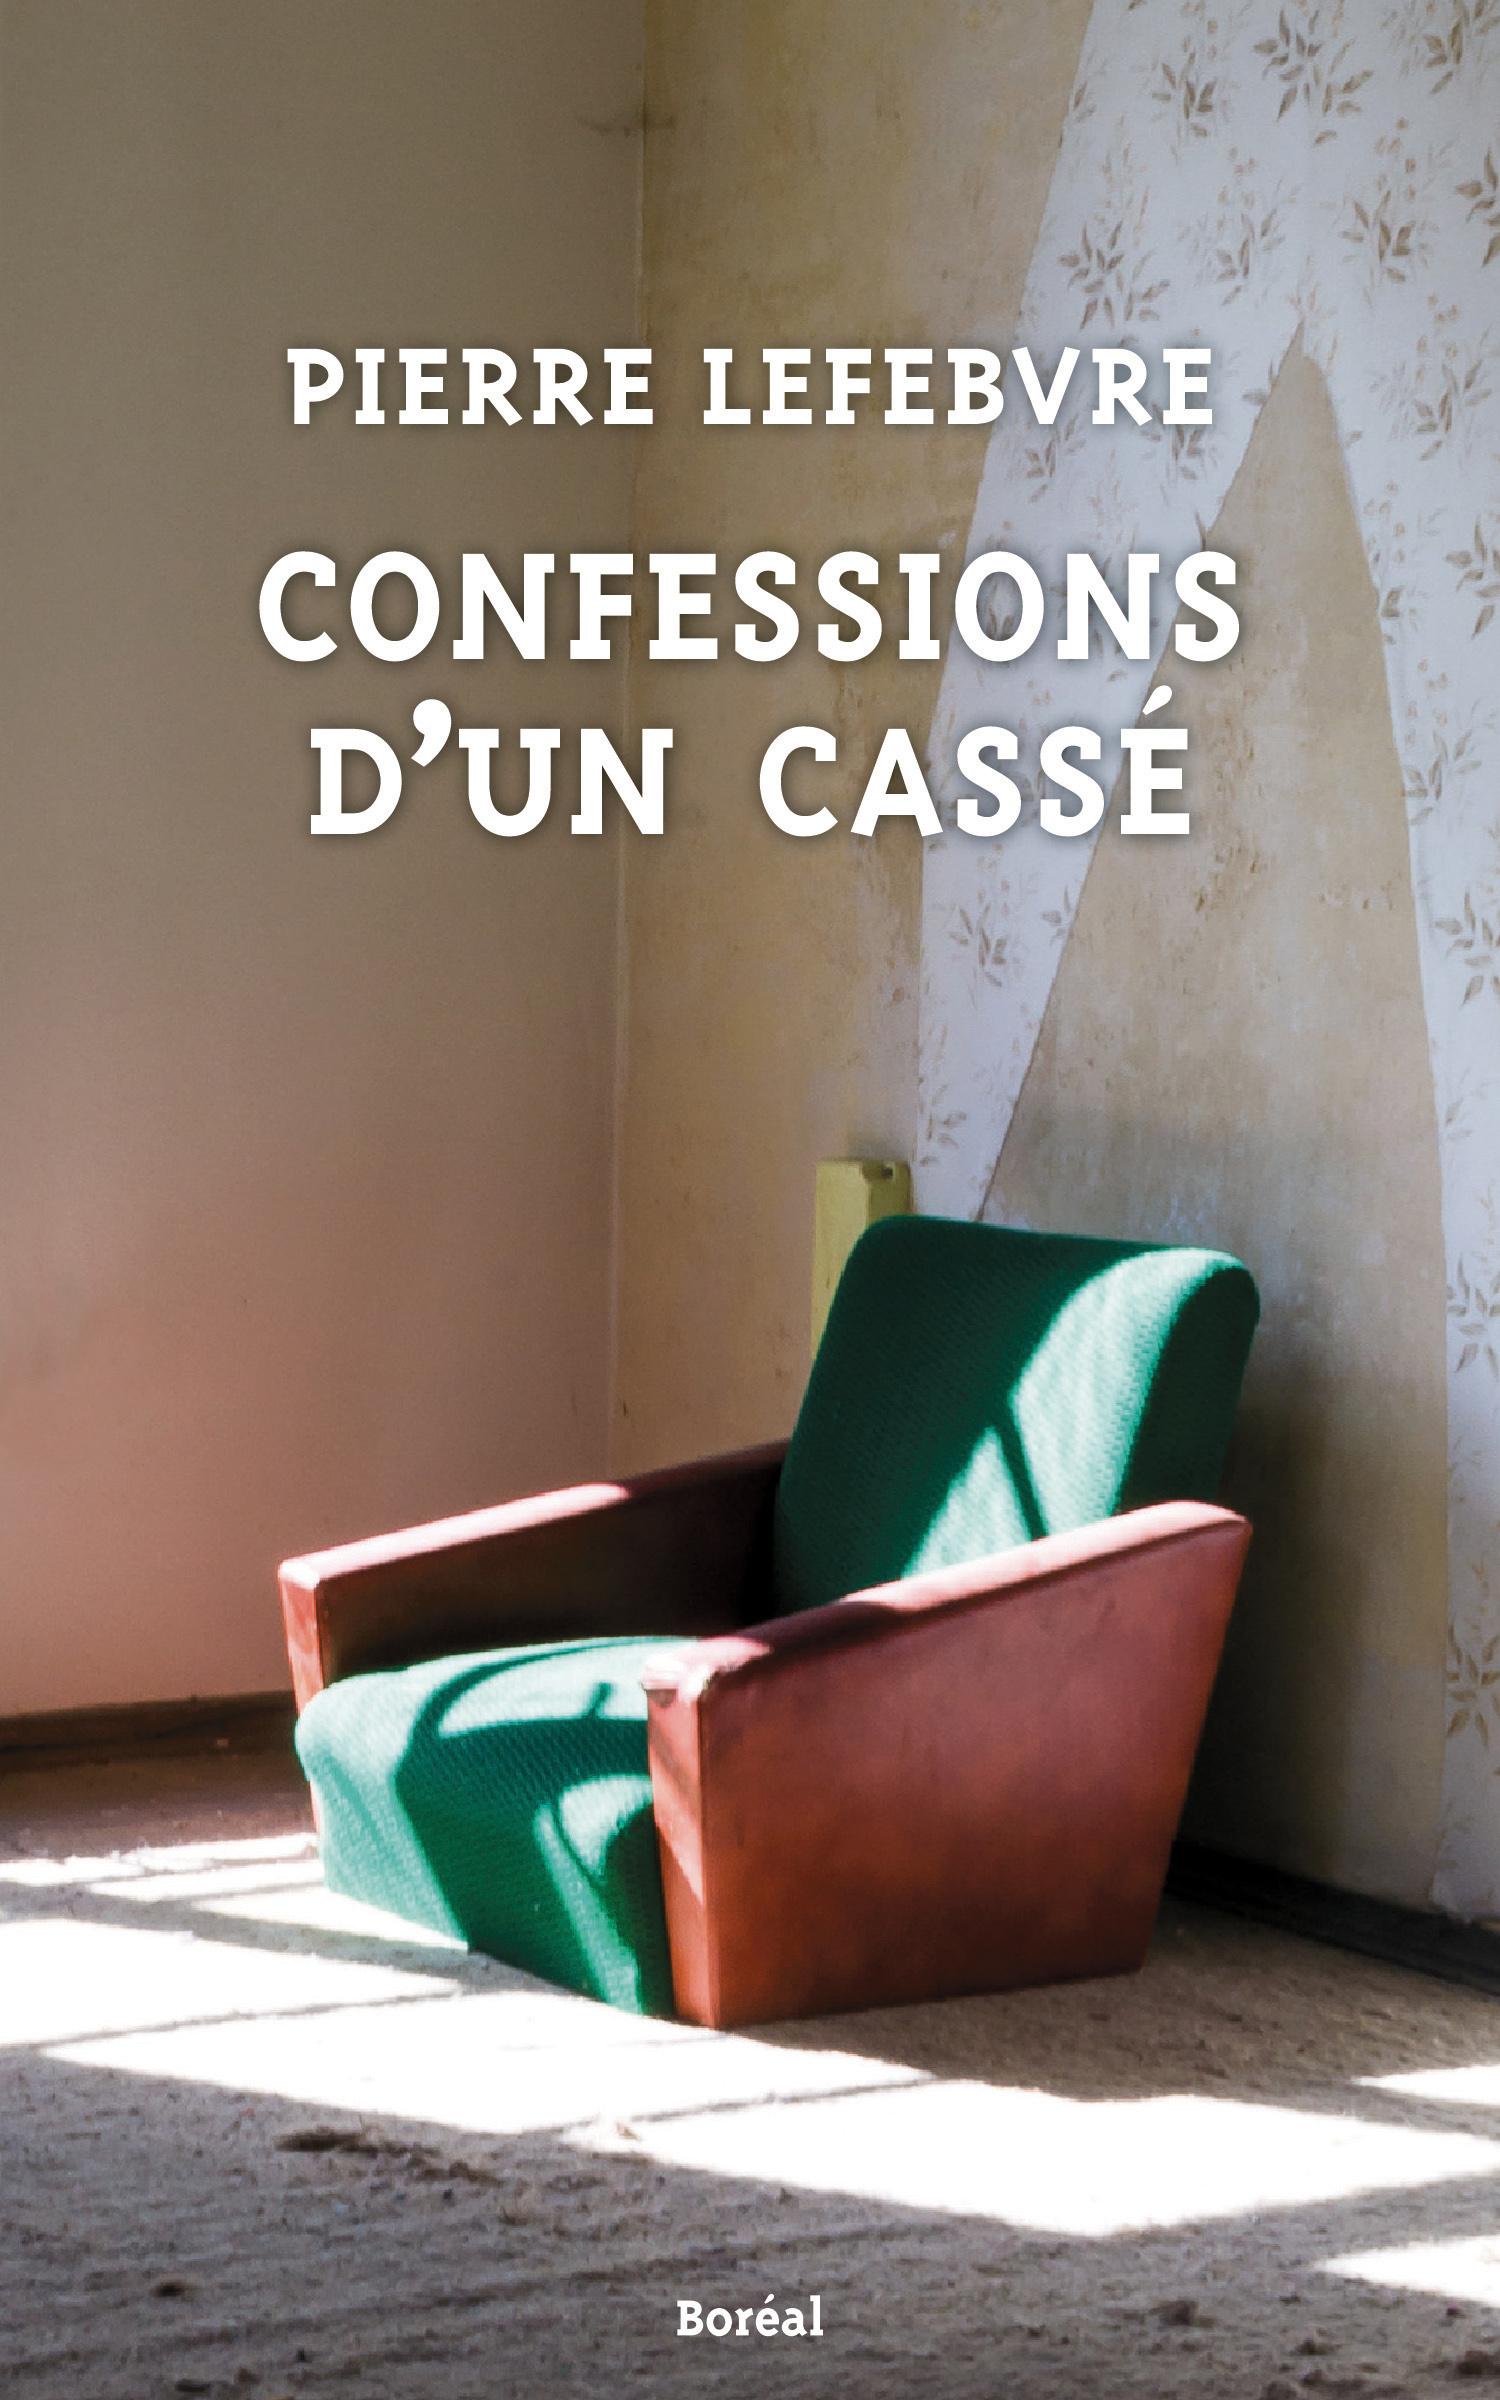 Confessions d'un cassé